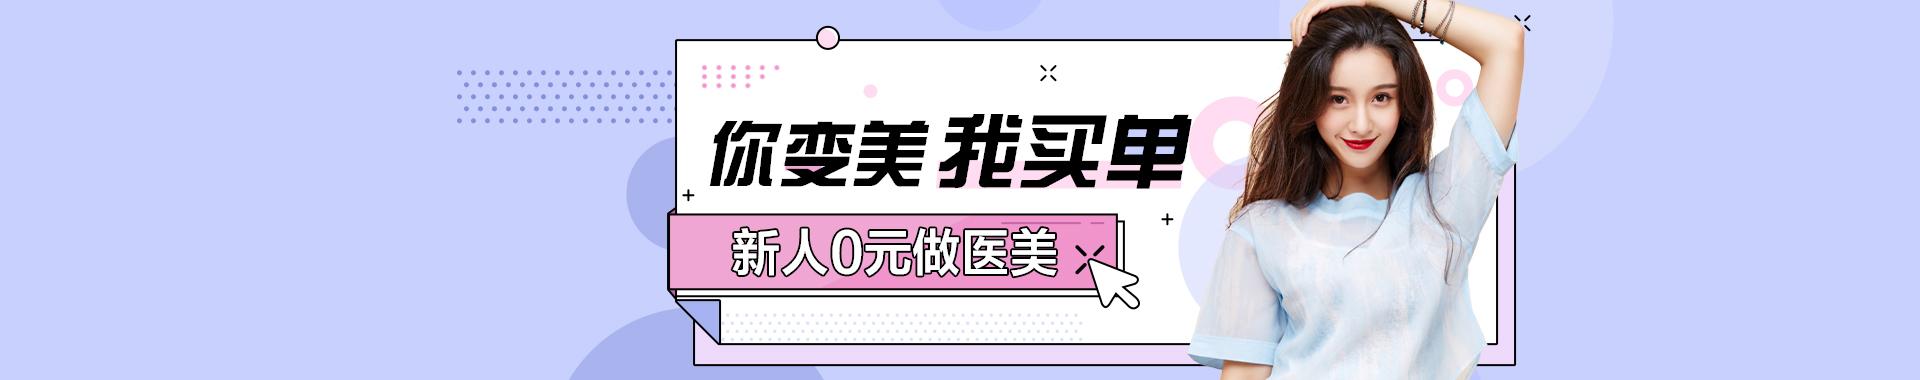 日常周pc banner